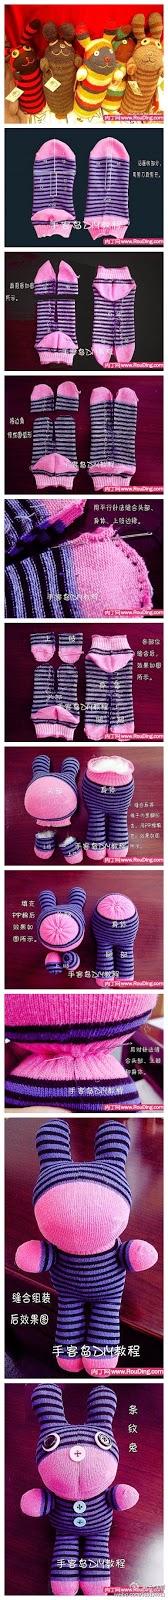 creatividad de un peluche hecho con un calcetin